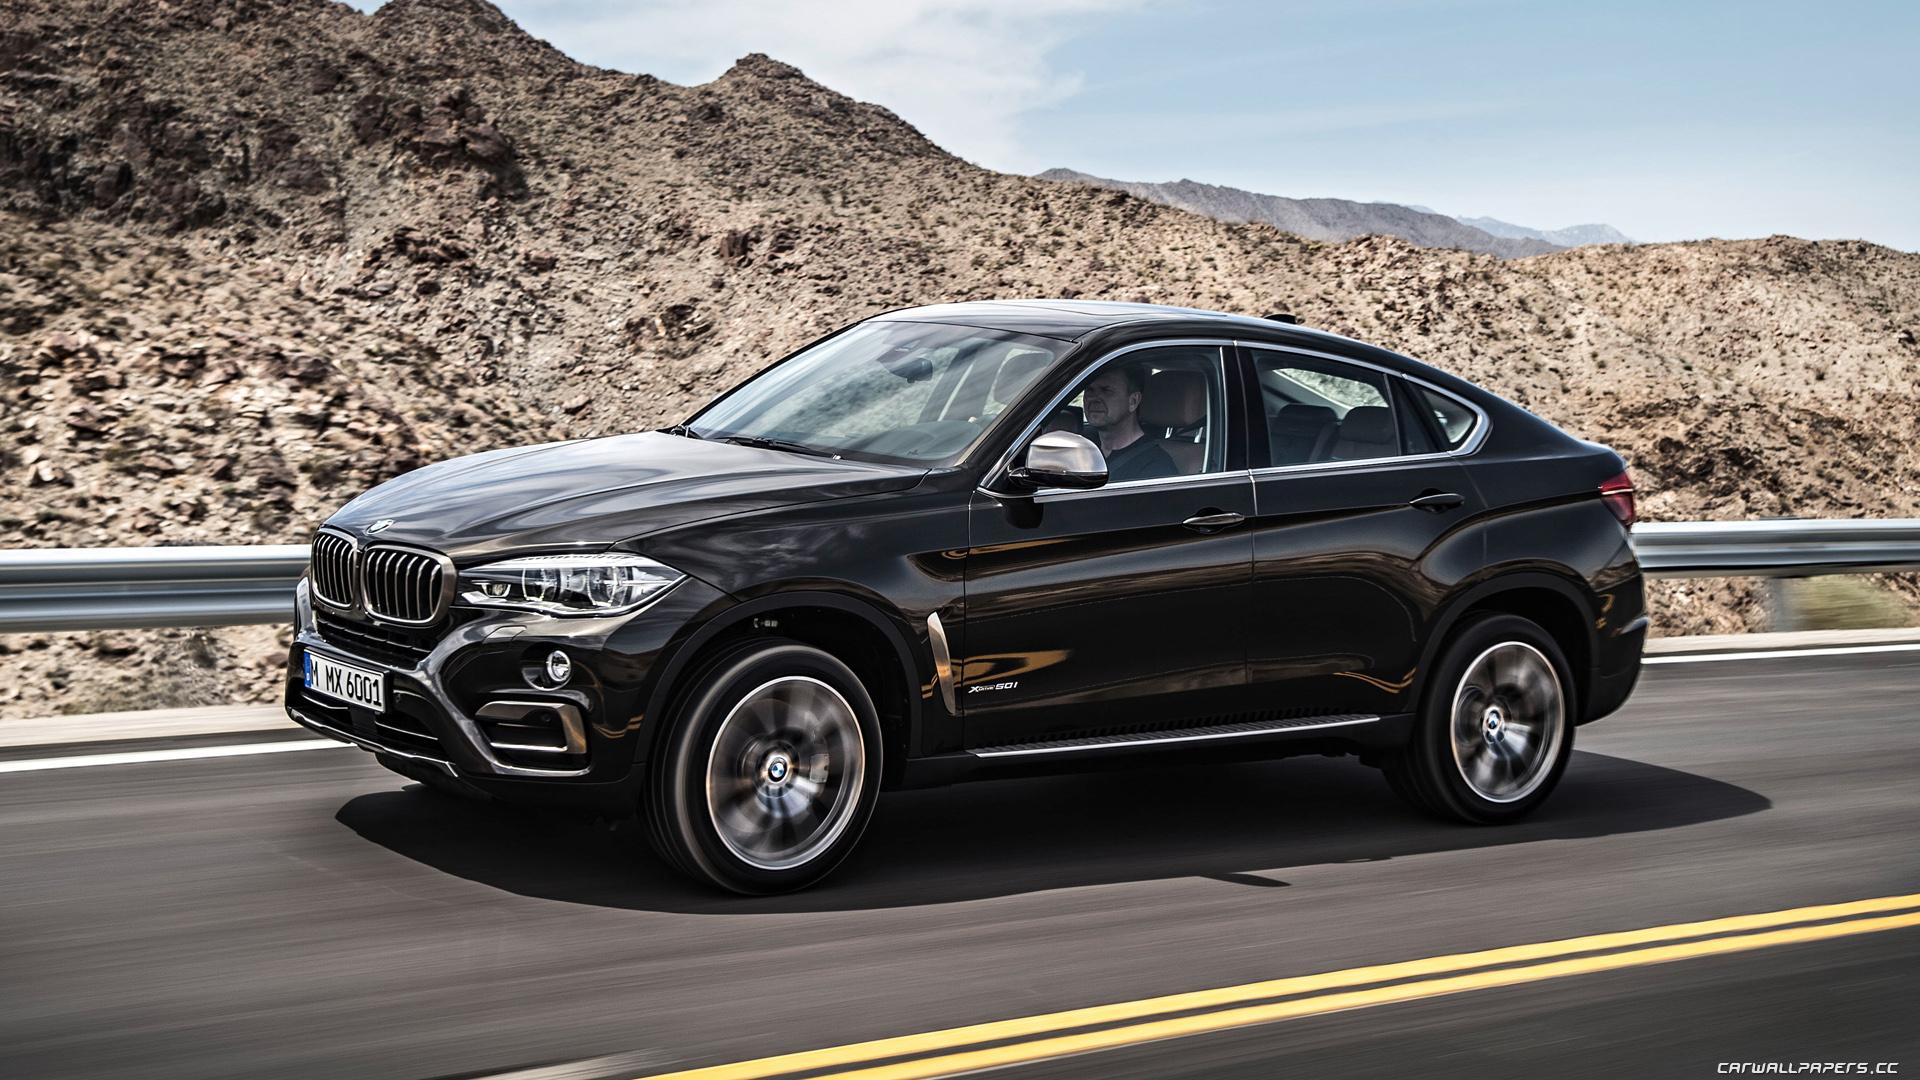 BMW-X6-xDrive50i-2014-1920x1080-002